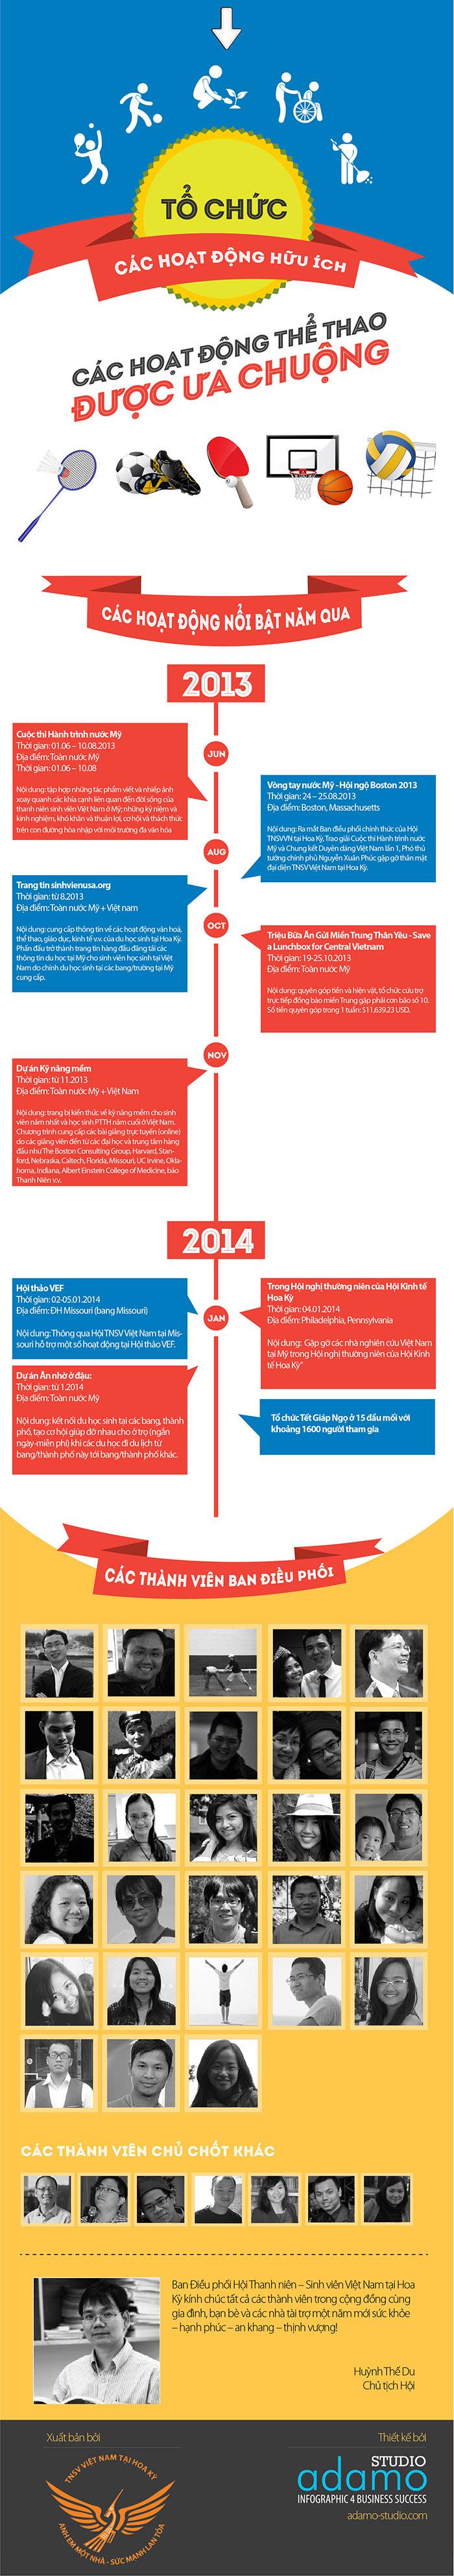 SinhvienUSA.org infographic